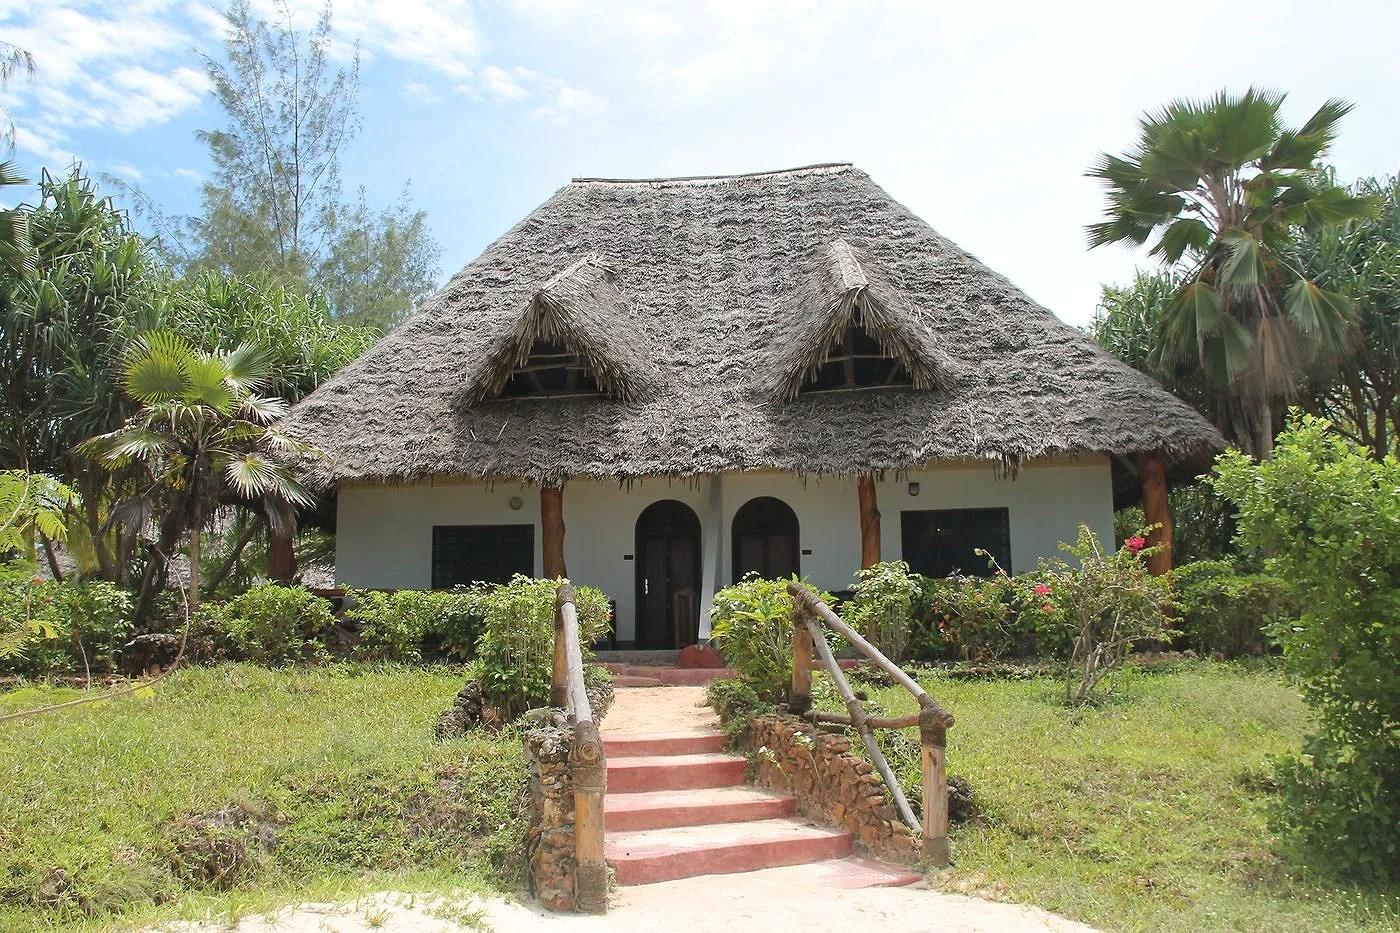 Hejdå Zanzibar